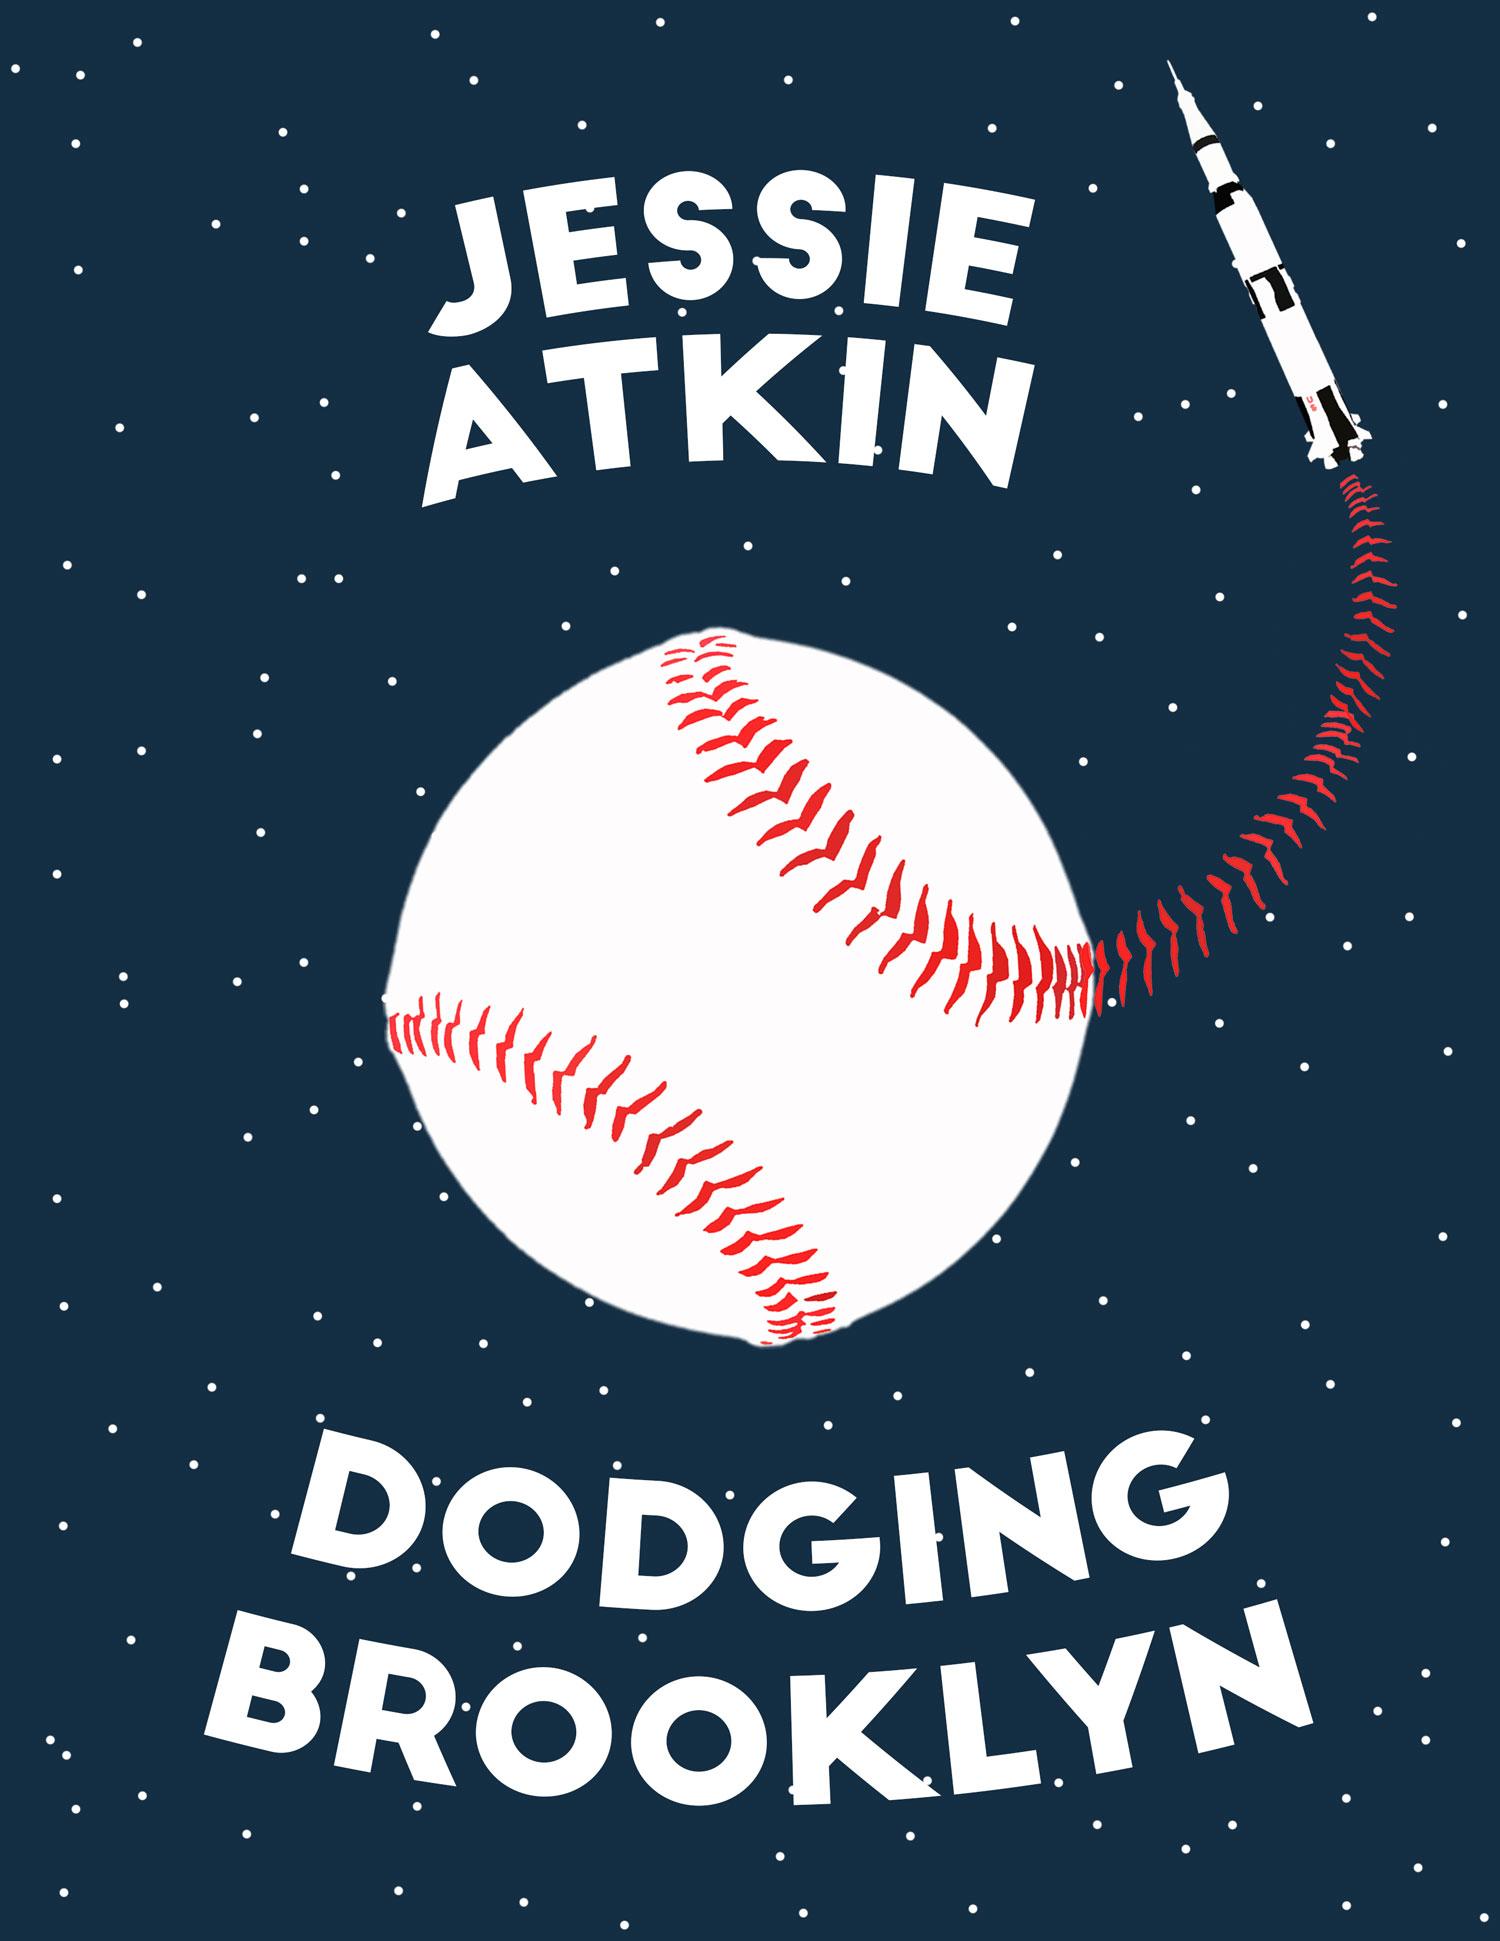 dodging-brooklyn-8c.jpg